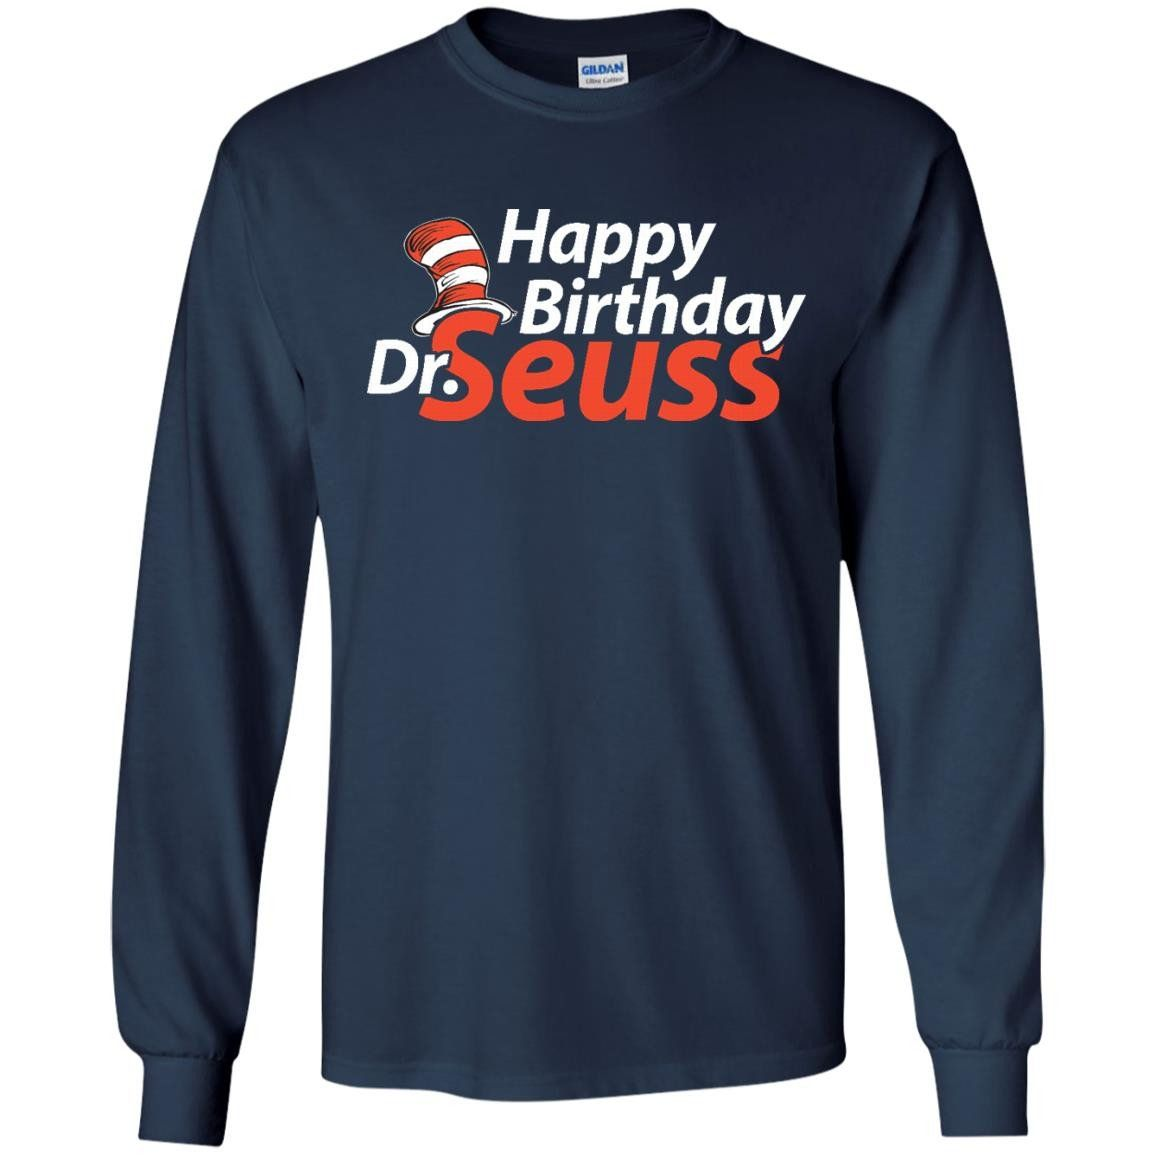 670161b3d Happy birthday to you dr seuss | t-shirt ideas | T shirt, Shirts ...